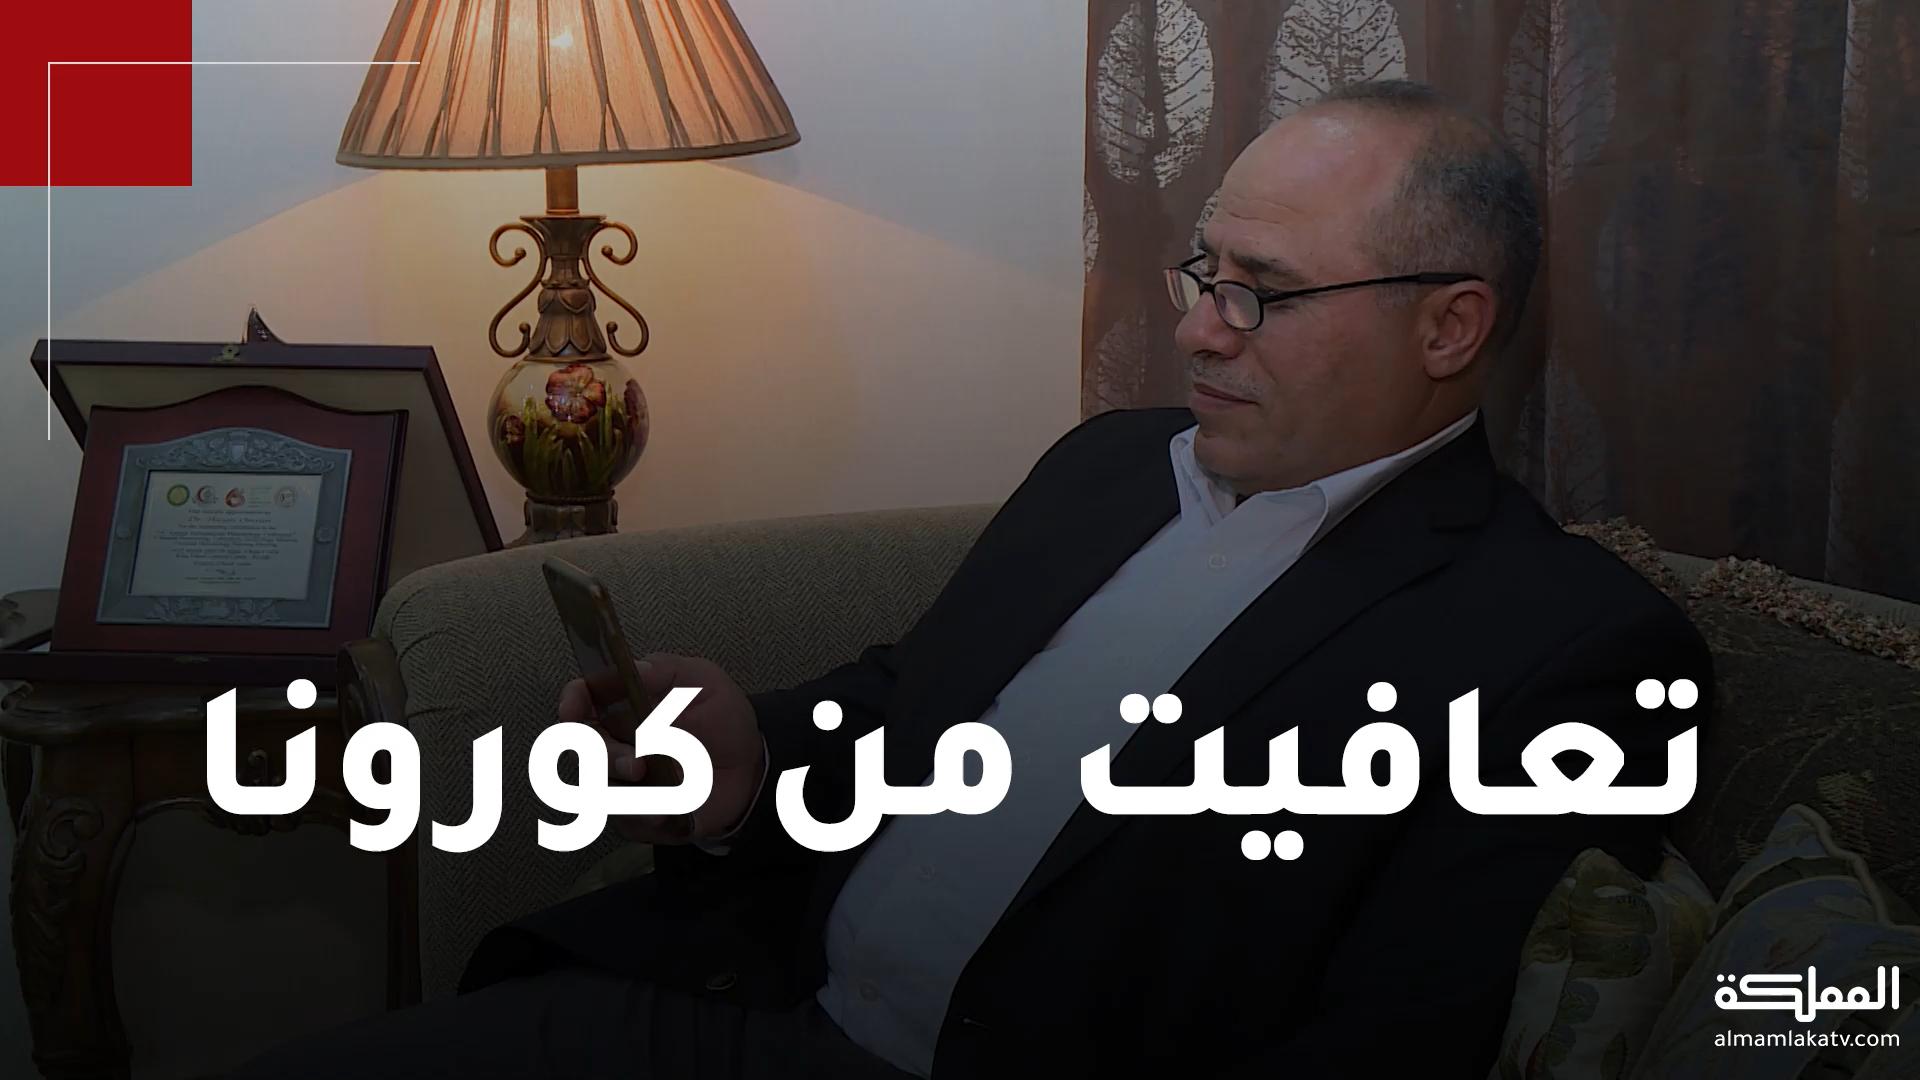 عندما شُفيت ابتعد الناس عني | المتعافي من كورونا الدكتور حسن العمران يتحدث للمملكة